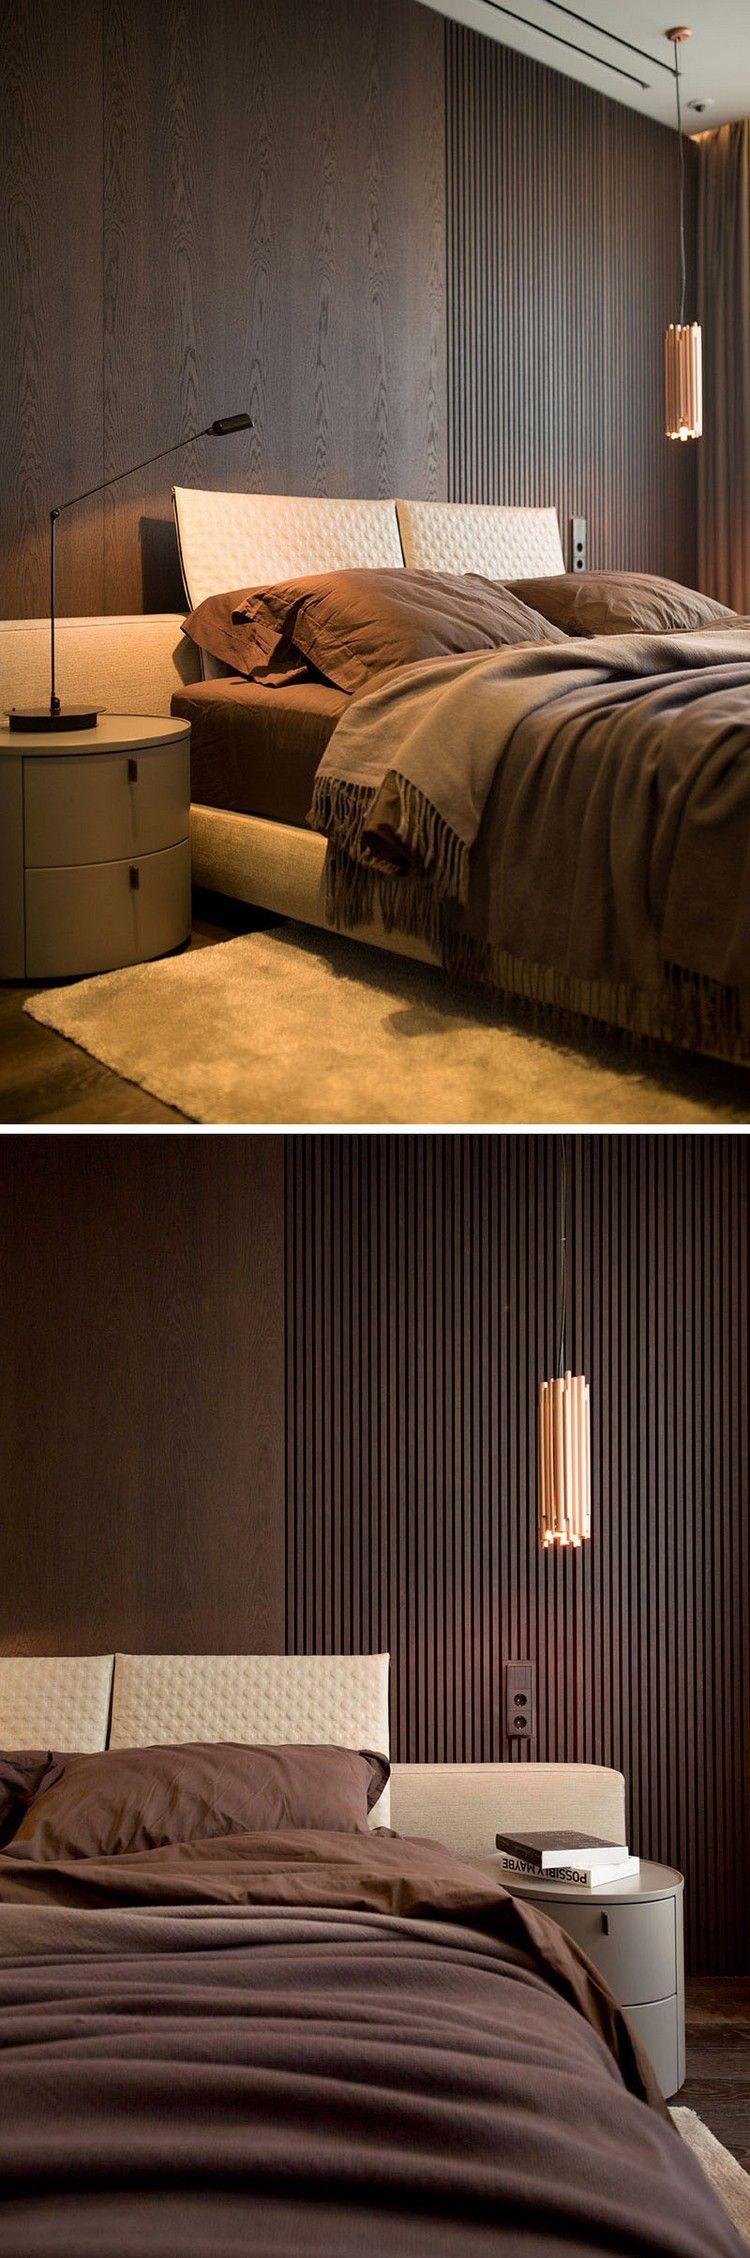 Modernes Schlafzimmer Dunkles Holz Wandverkleidung Pendelleuchte